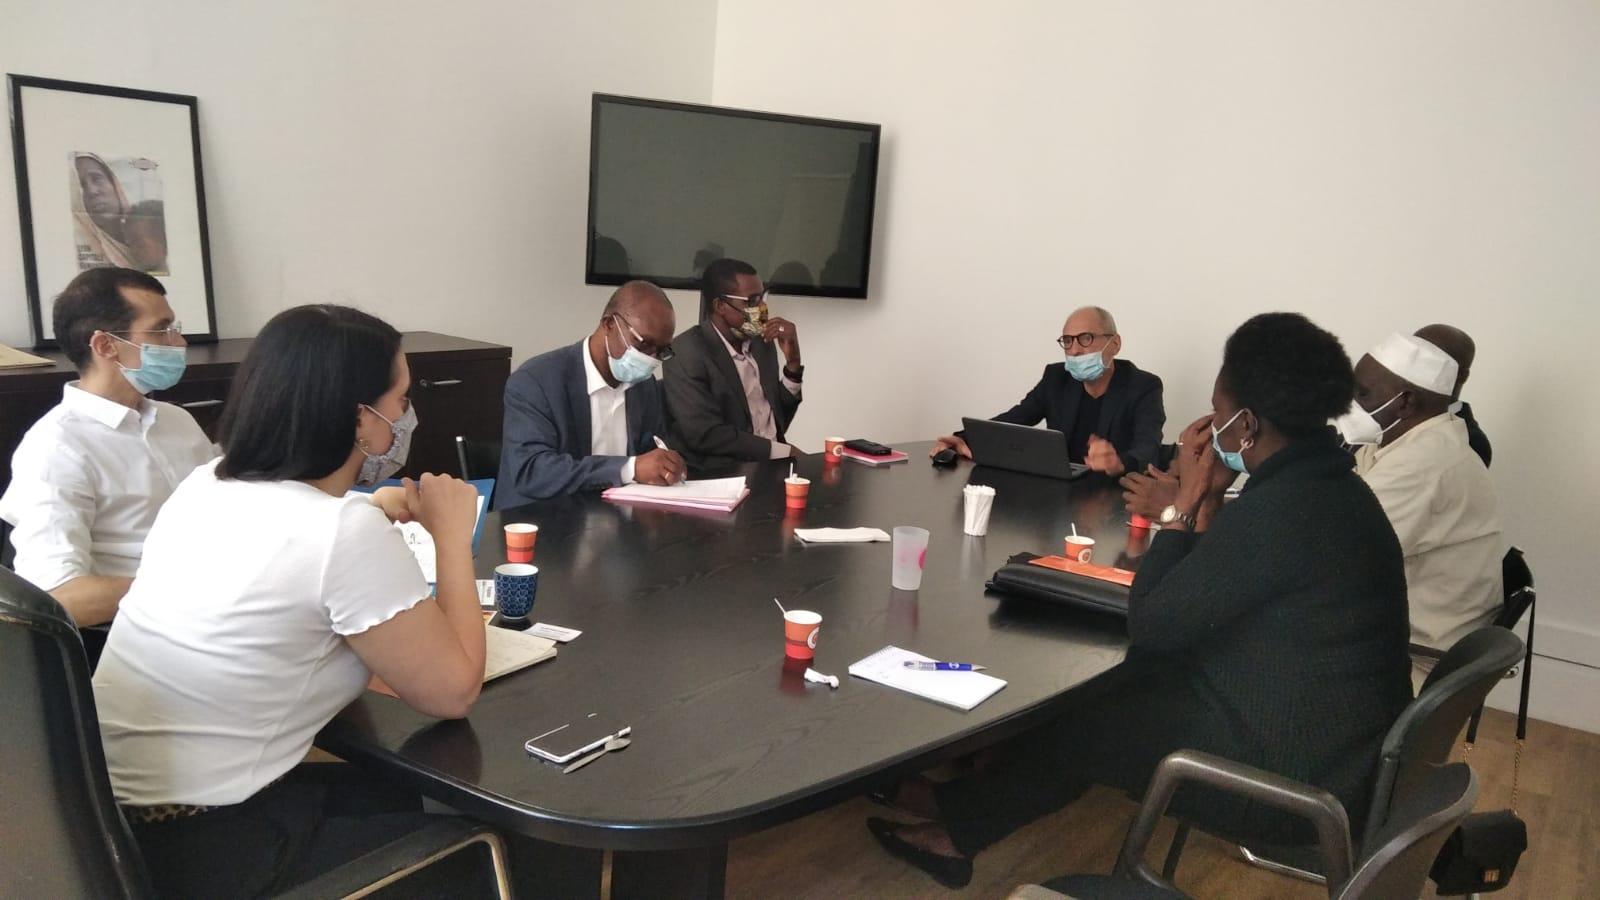 [ASSOCIATION] Une délégation d'Africa 50 a rencontré Mme Sonia ZDOROVTZOFF la nouvelle adjointe aux relations internationales de la ville de Lyon Mercredi 2 septembre 2020